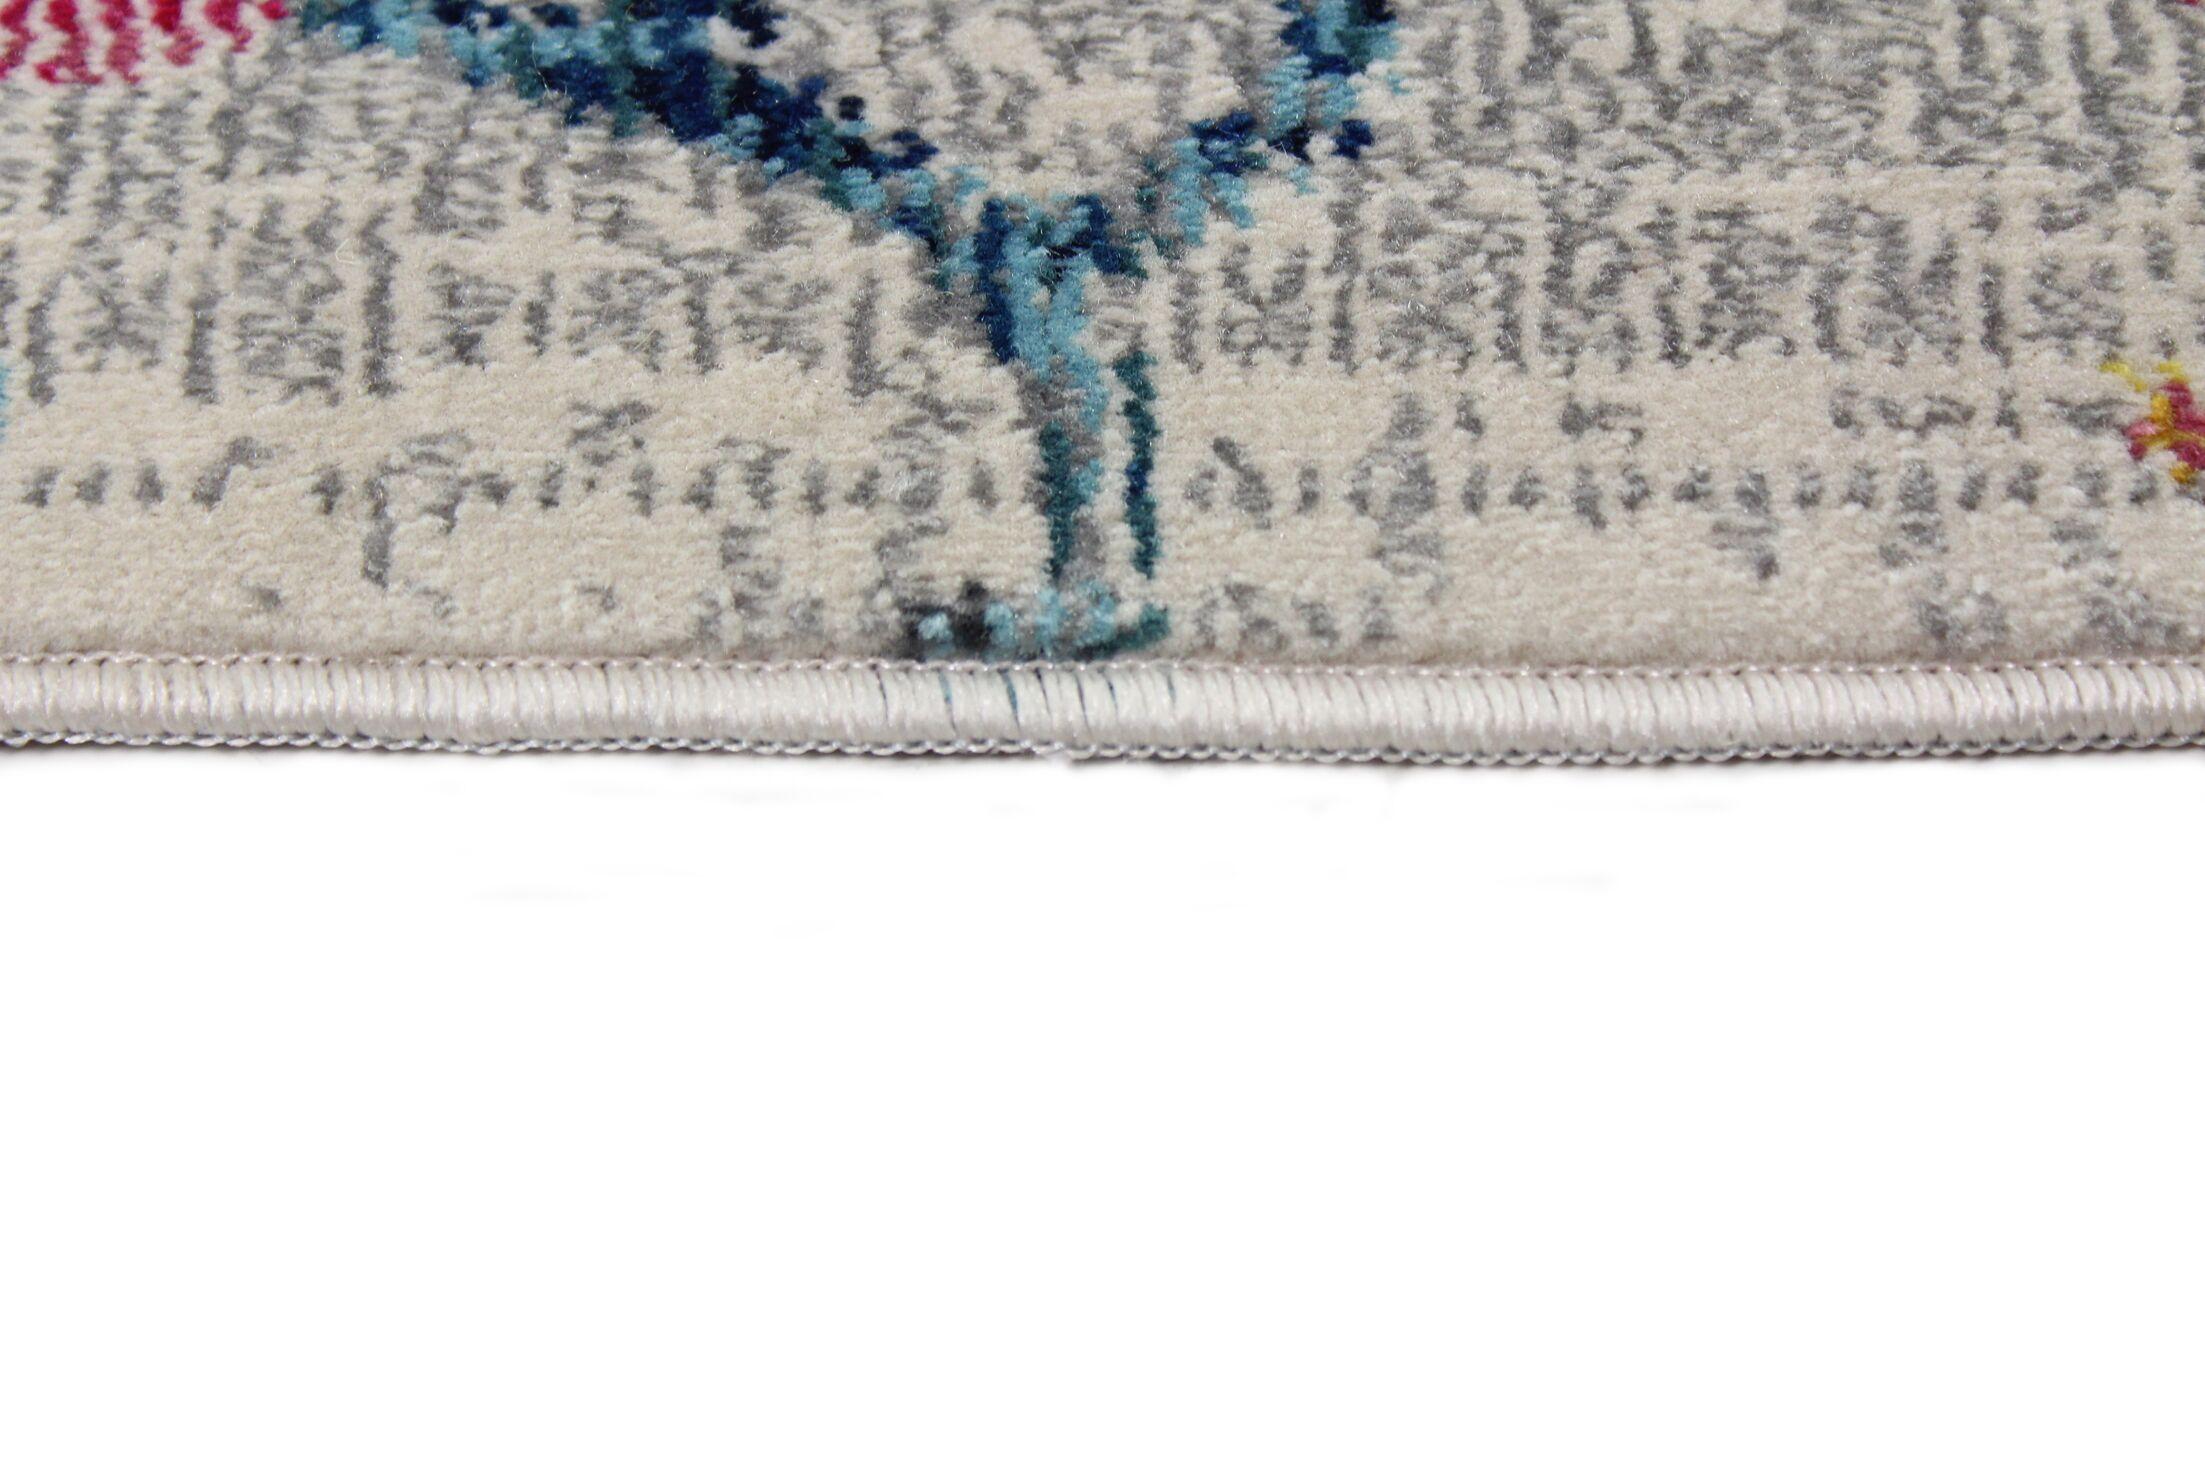 Fidela Rectangle Ivory Area Rug Size: Rectangle 7'6